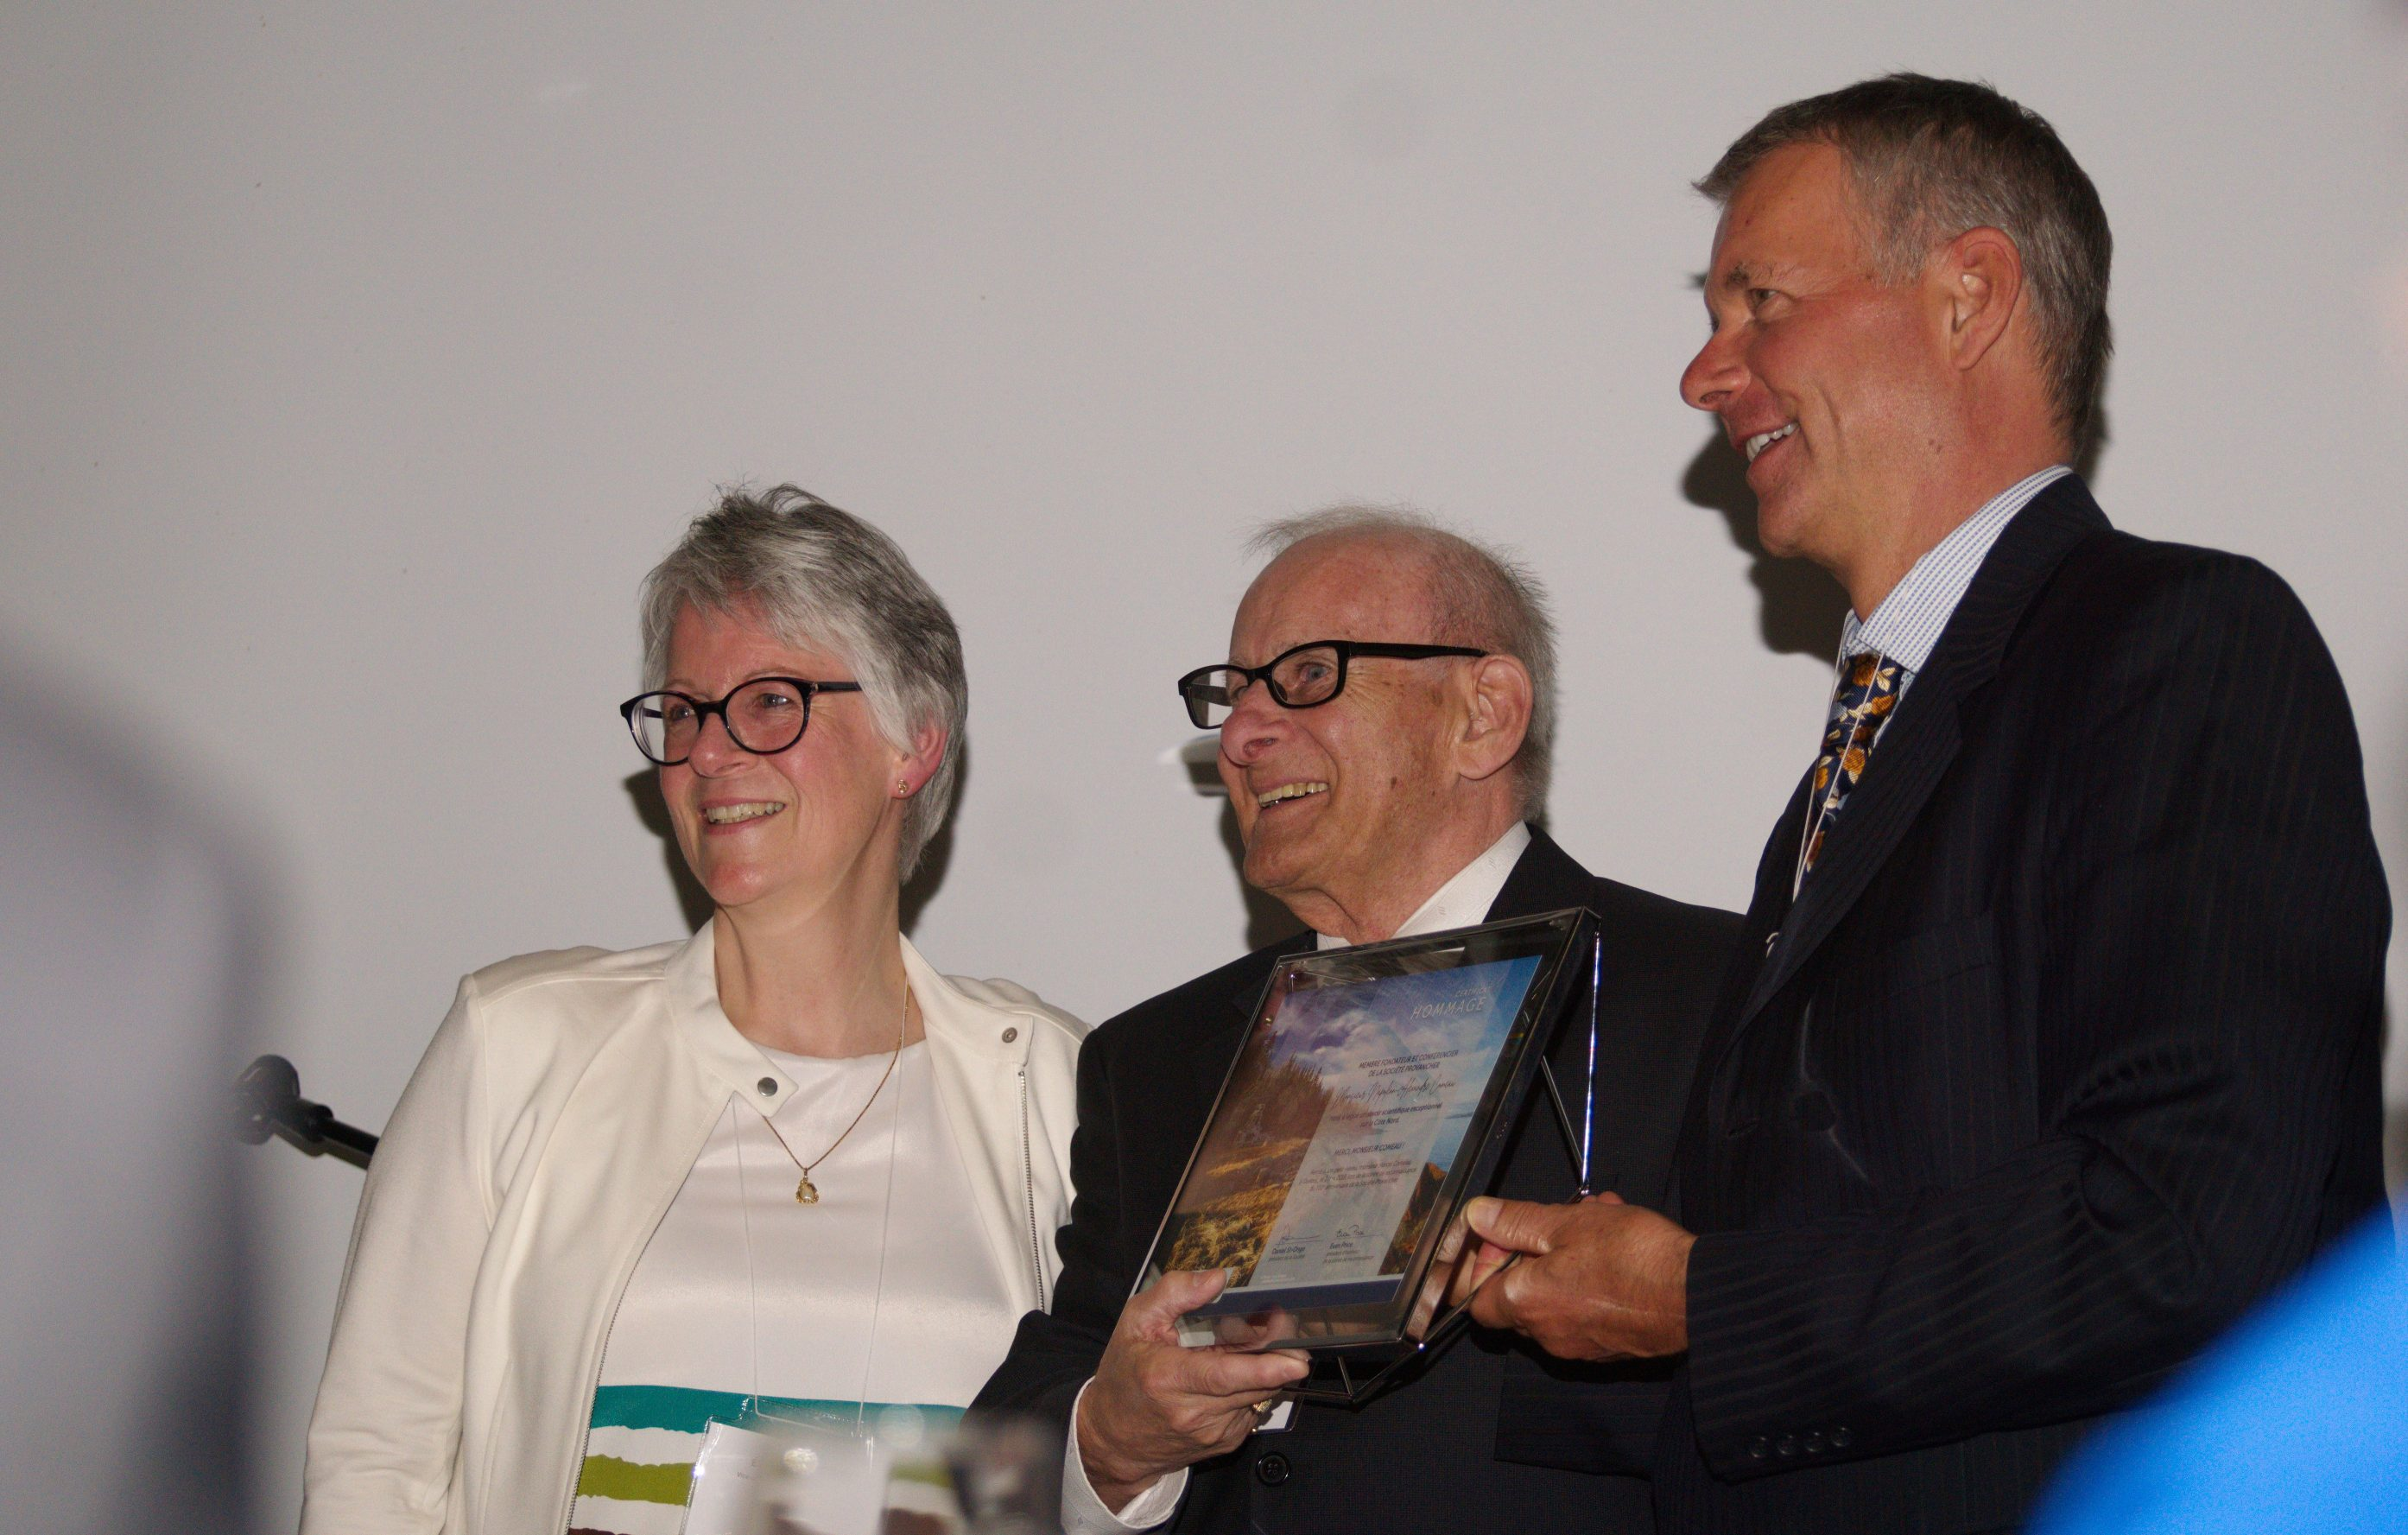 Remise d'un certificat de reconnaissance à M. Marcel Comeau par les deux vice-présidents de la Société Provancher, Mme Élisabeth Bossert et M. Jean Tremblay. Photo: Nicole Bruneau